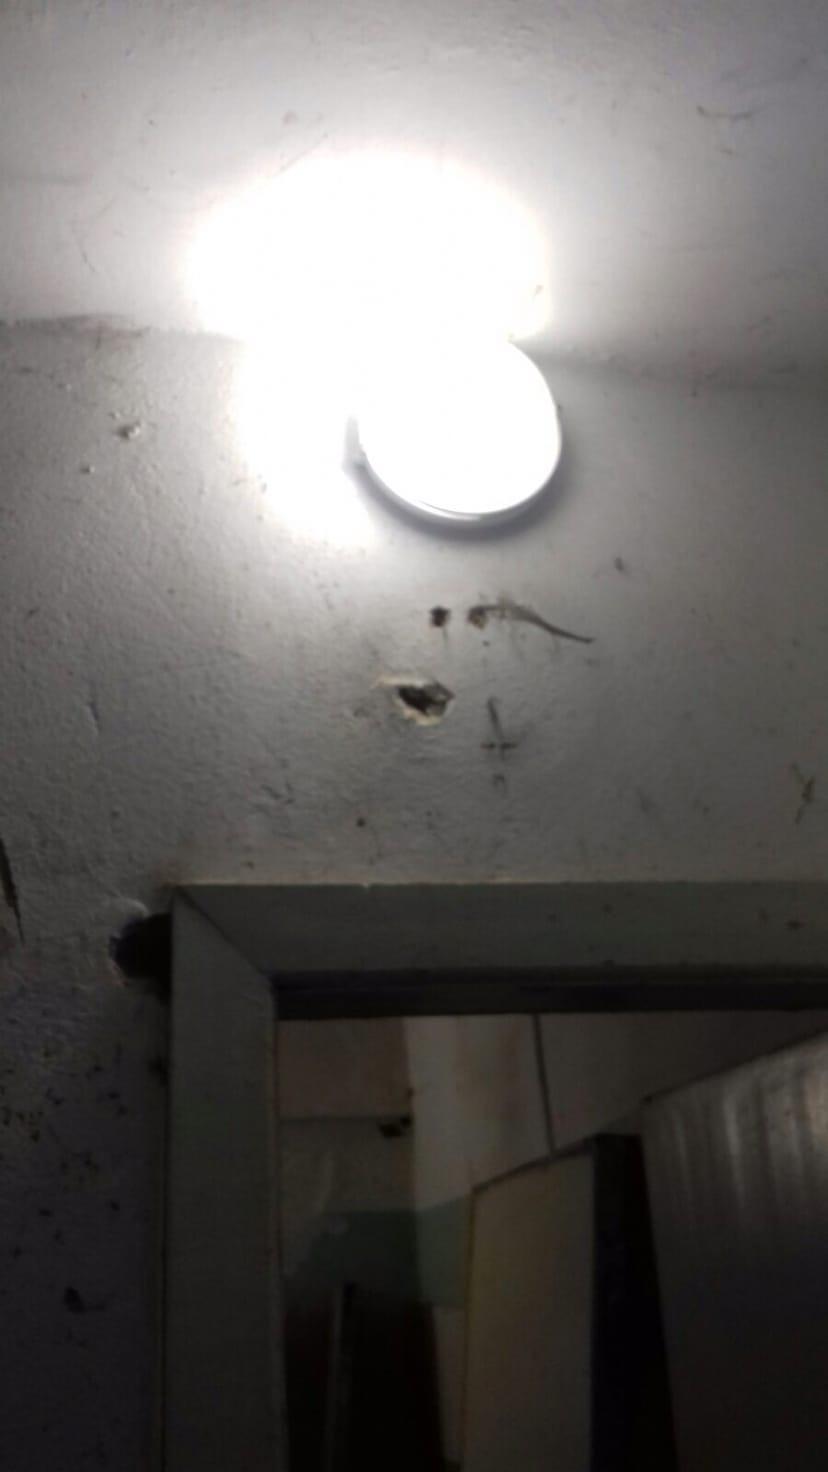 Романа Ердякова дом 18 восстановление освещения в